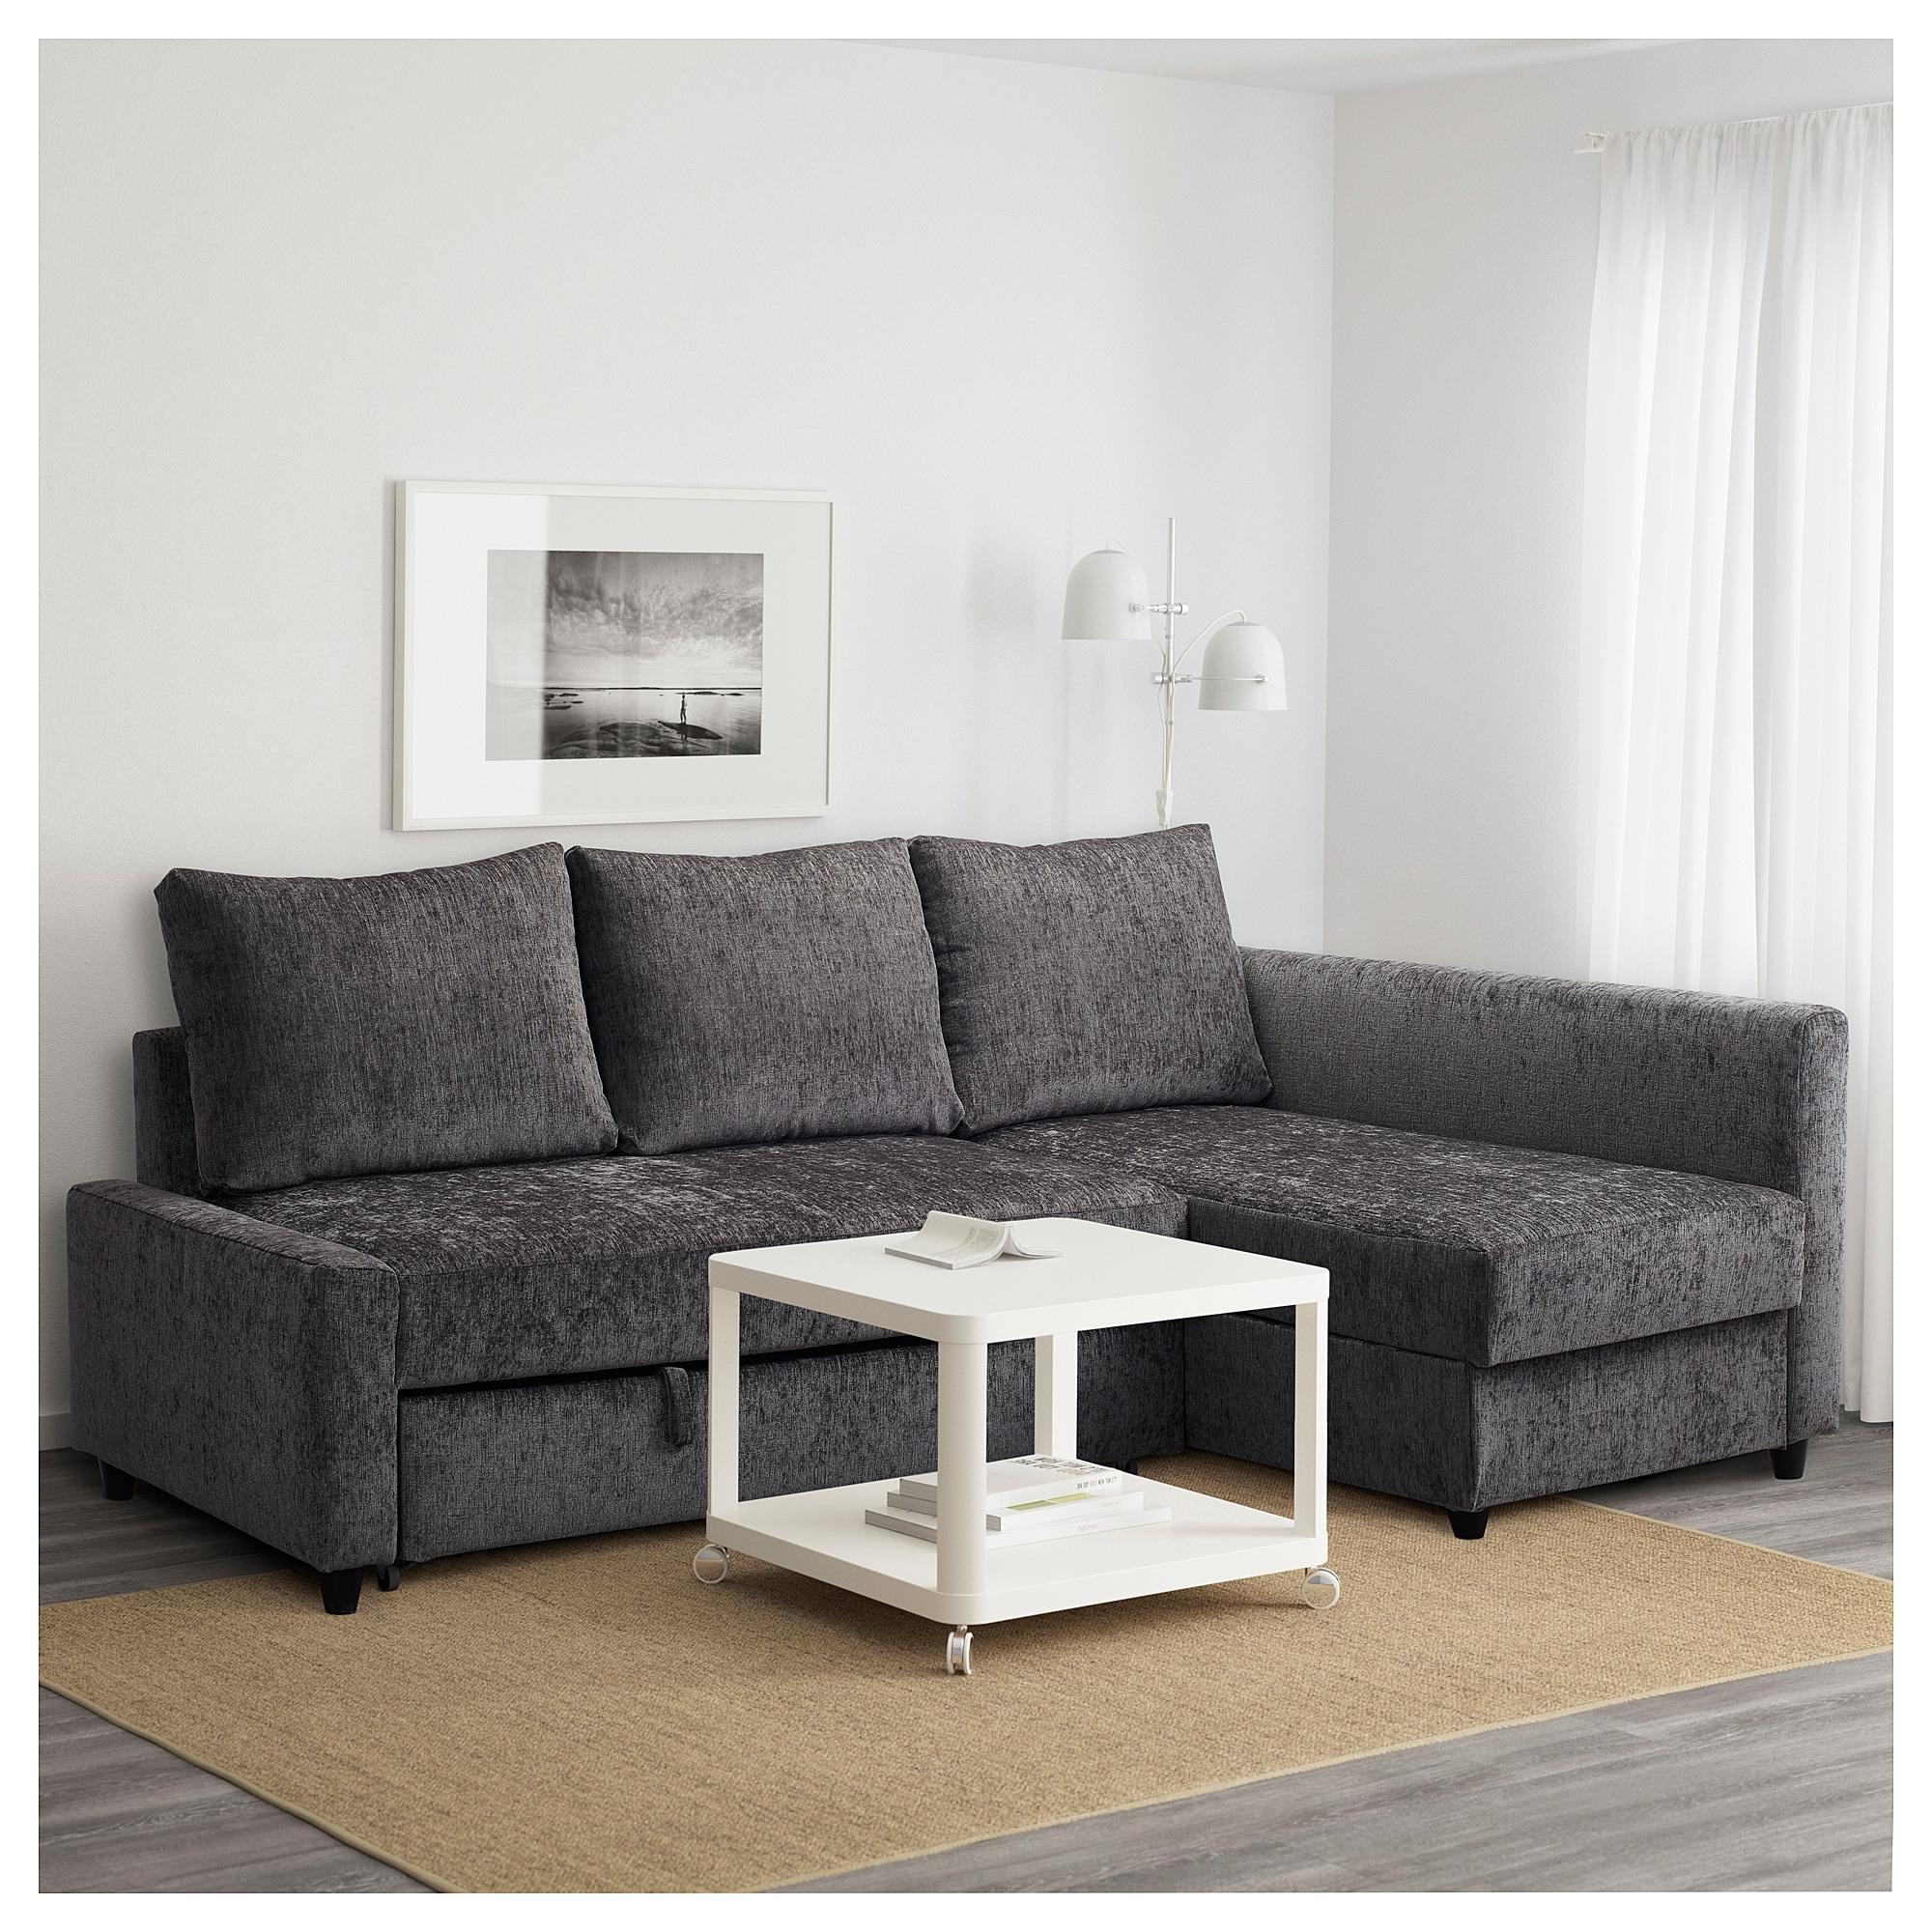 Ikea sofa Friheten S5d8 Friheten Corner sofa Bed with Storage Dark Grey Ikea